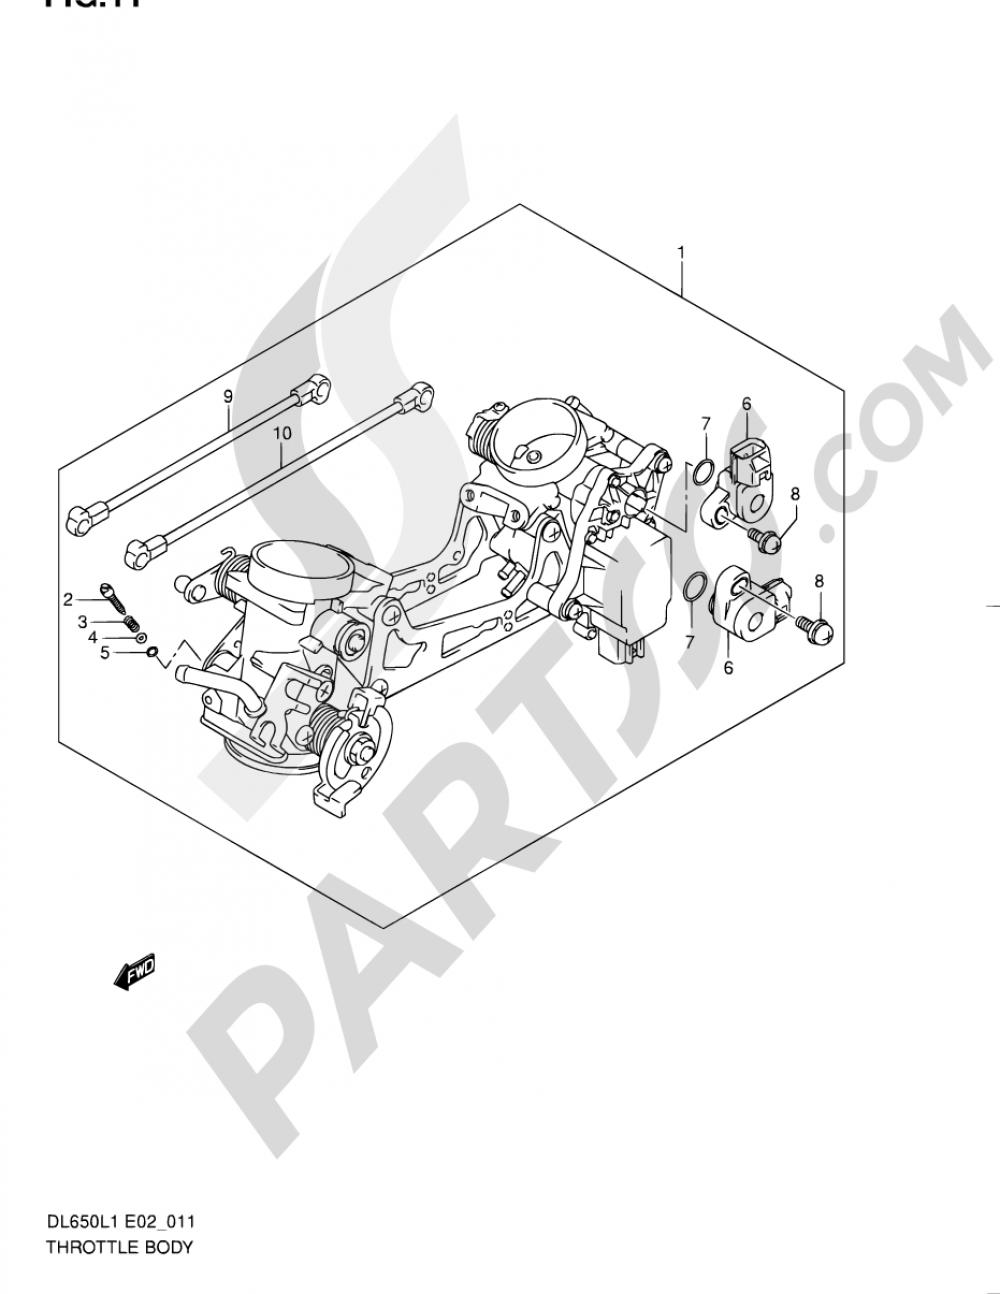 11 - THROTTLE BODY Suzuki VSTROM DL650A 2011